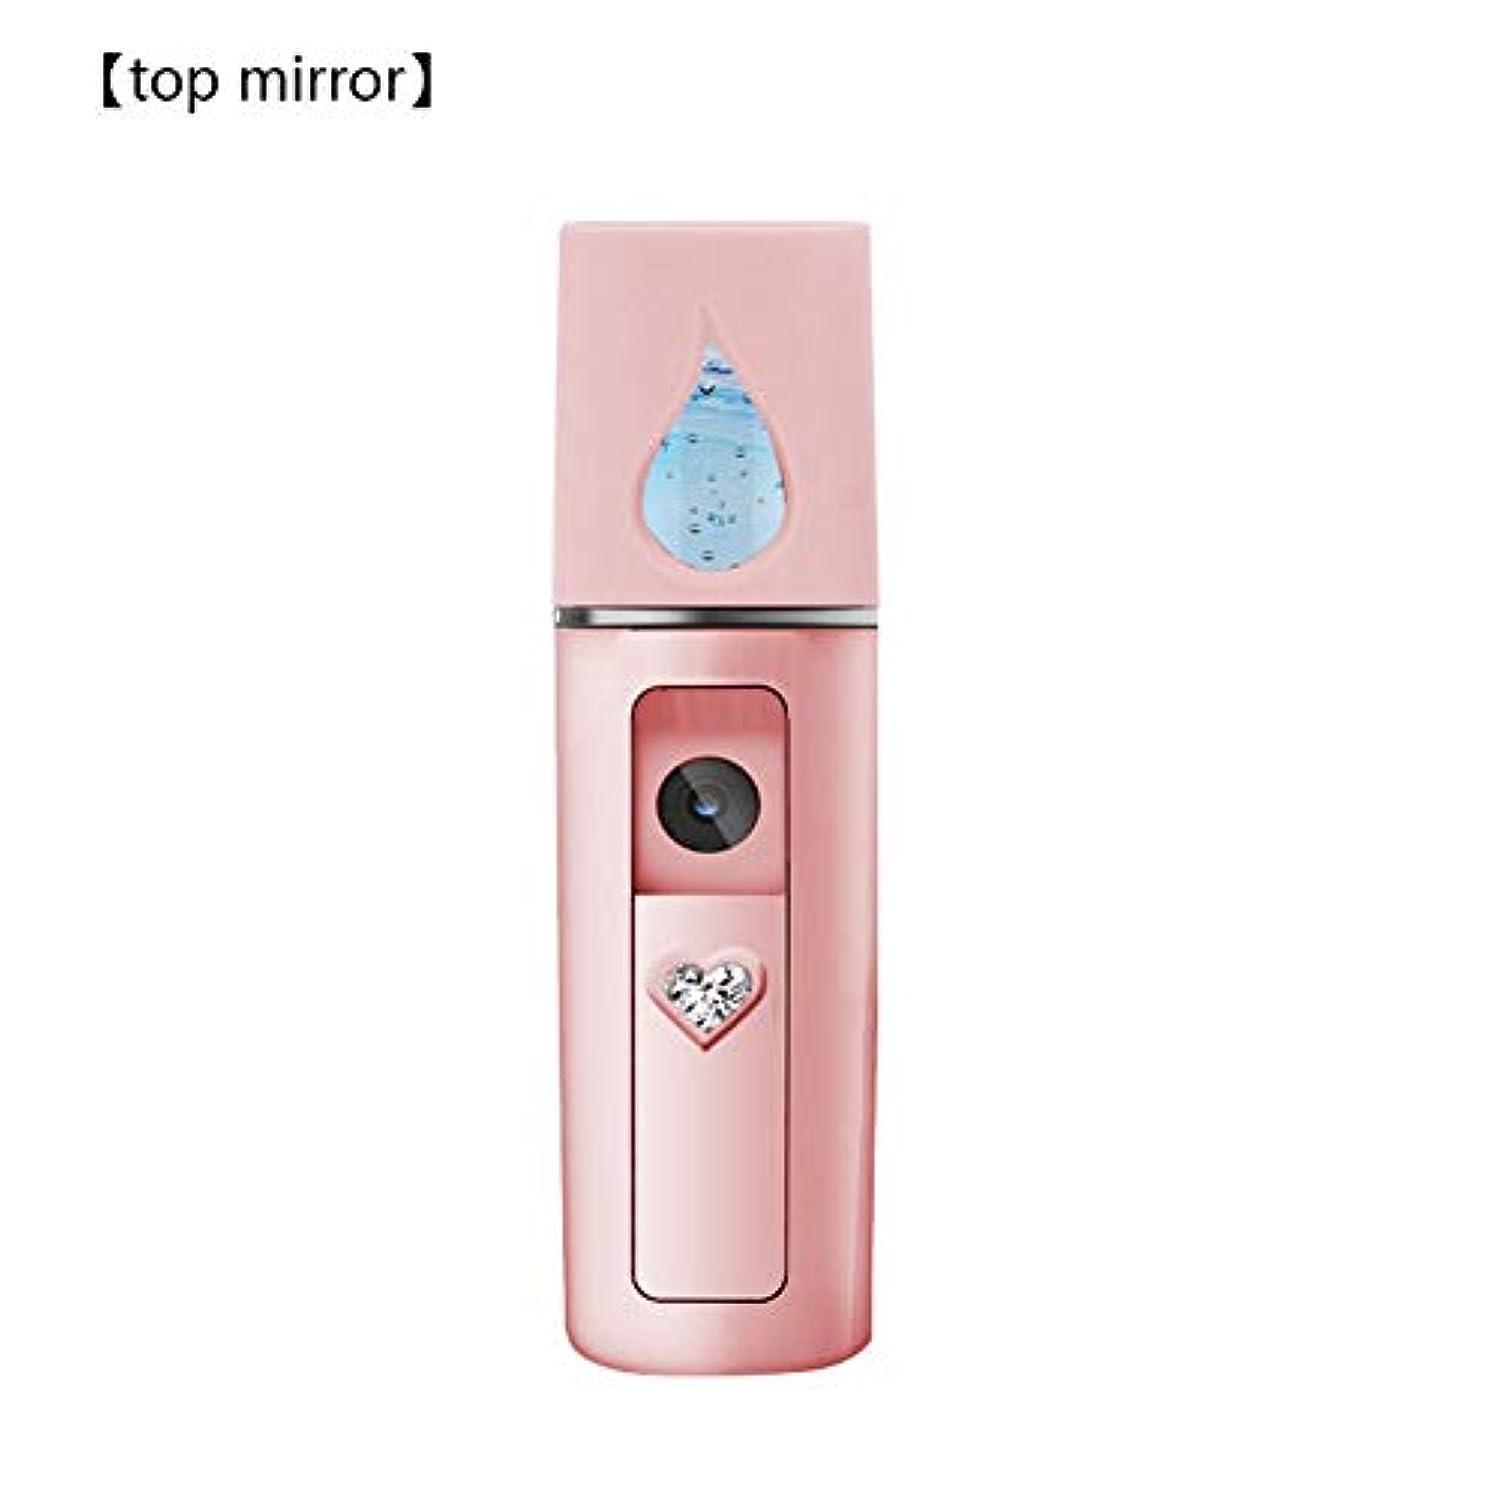 りんご前投薬避ける冷たい保湿スプレー、美しいフェイシャルスプレーメイクアップミラー。 USB充電インターフェイスは、まつげエクステンション用の高度な保湿フェイシャルスチームです (Color : Pink-B)